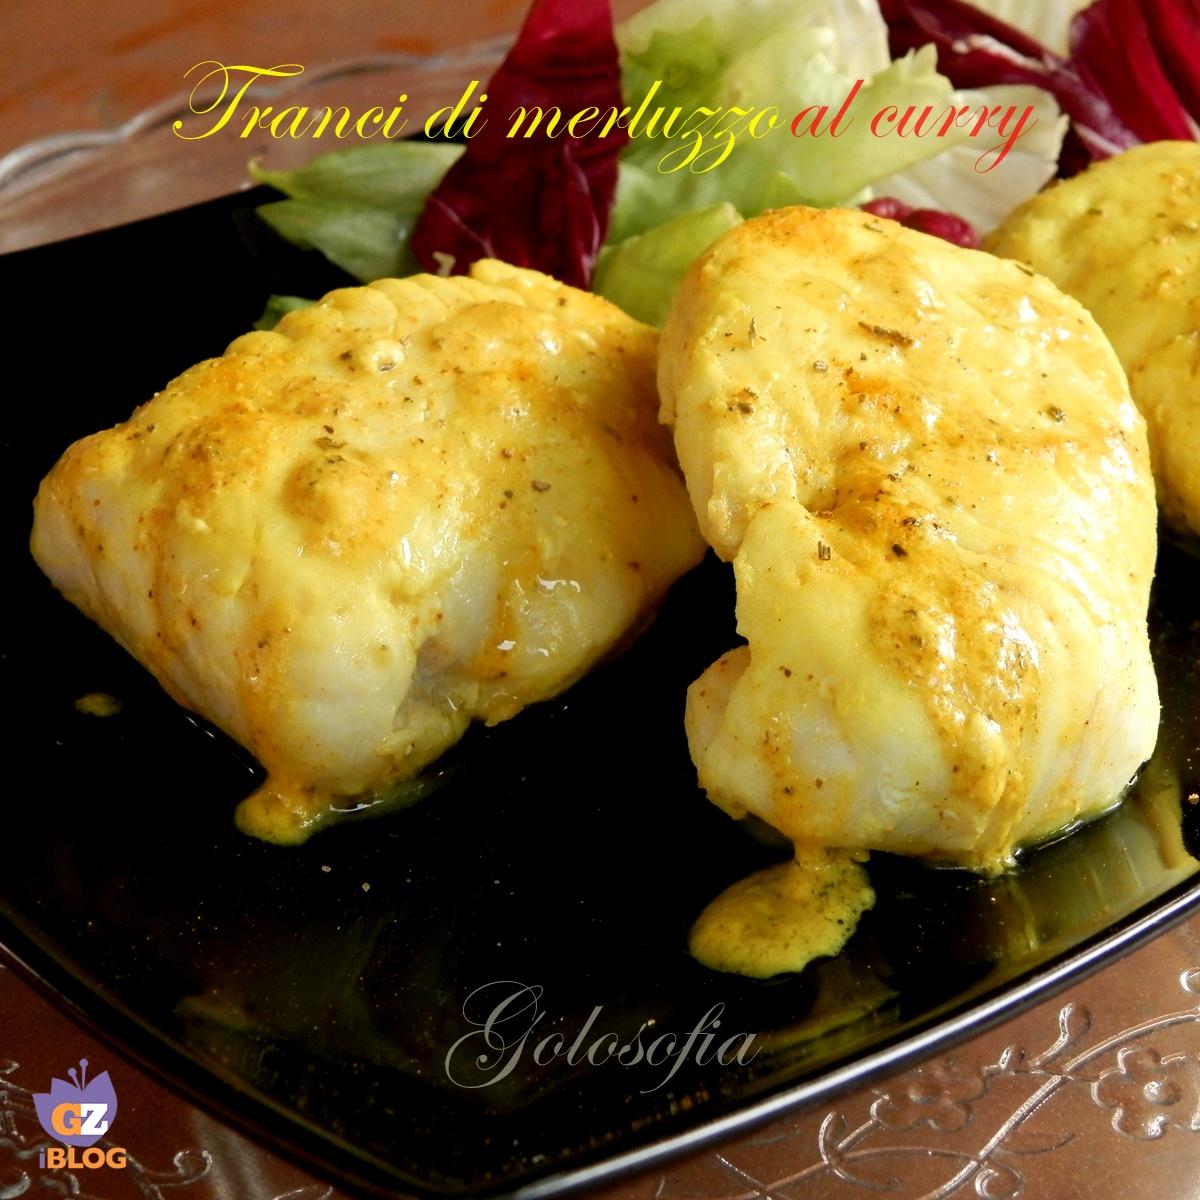 Tranci di merluzzo al curry, ricetta gustosa leggera